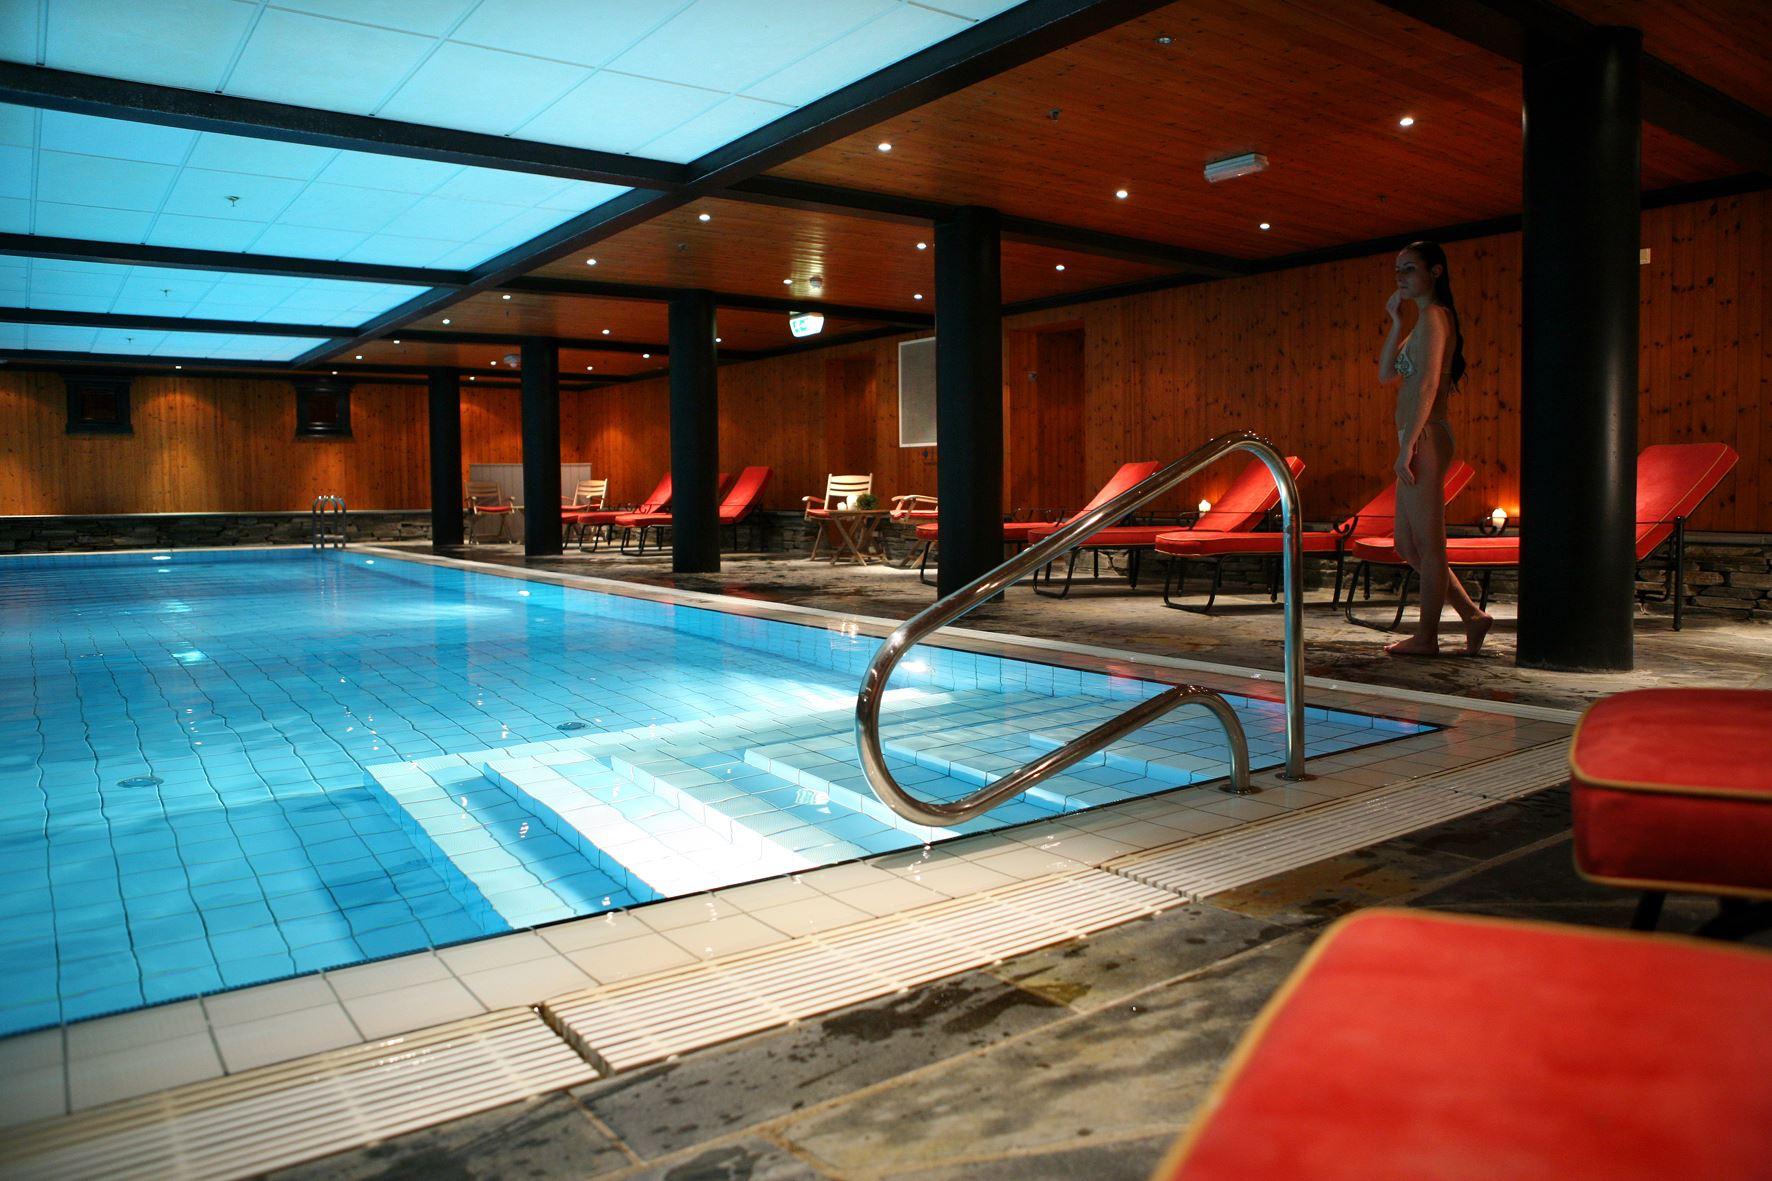 Inngang Velvaere på GudbrandsGard - Basseng, badstue og treningsrum